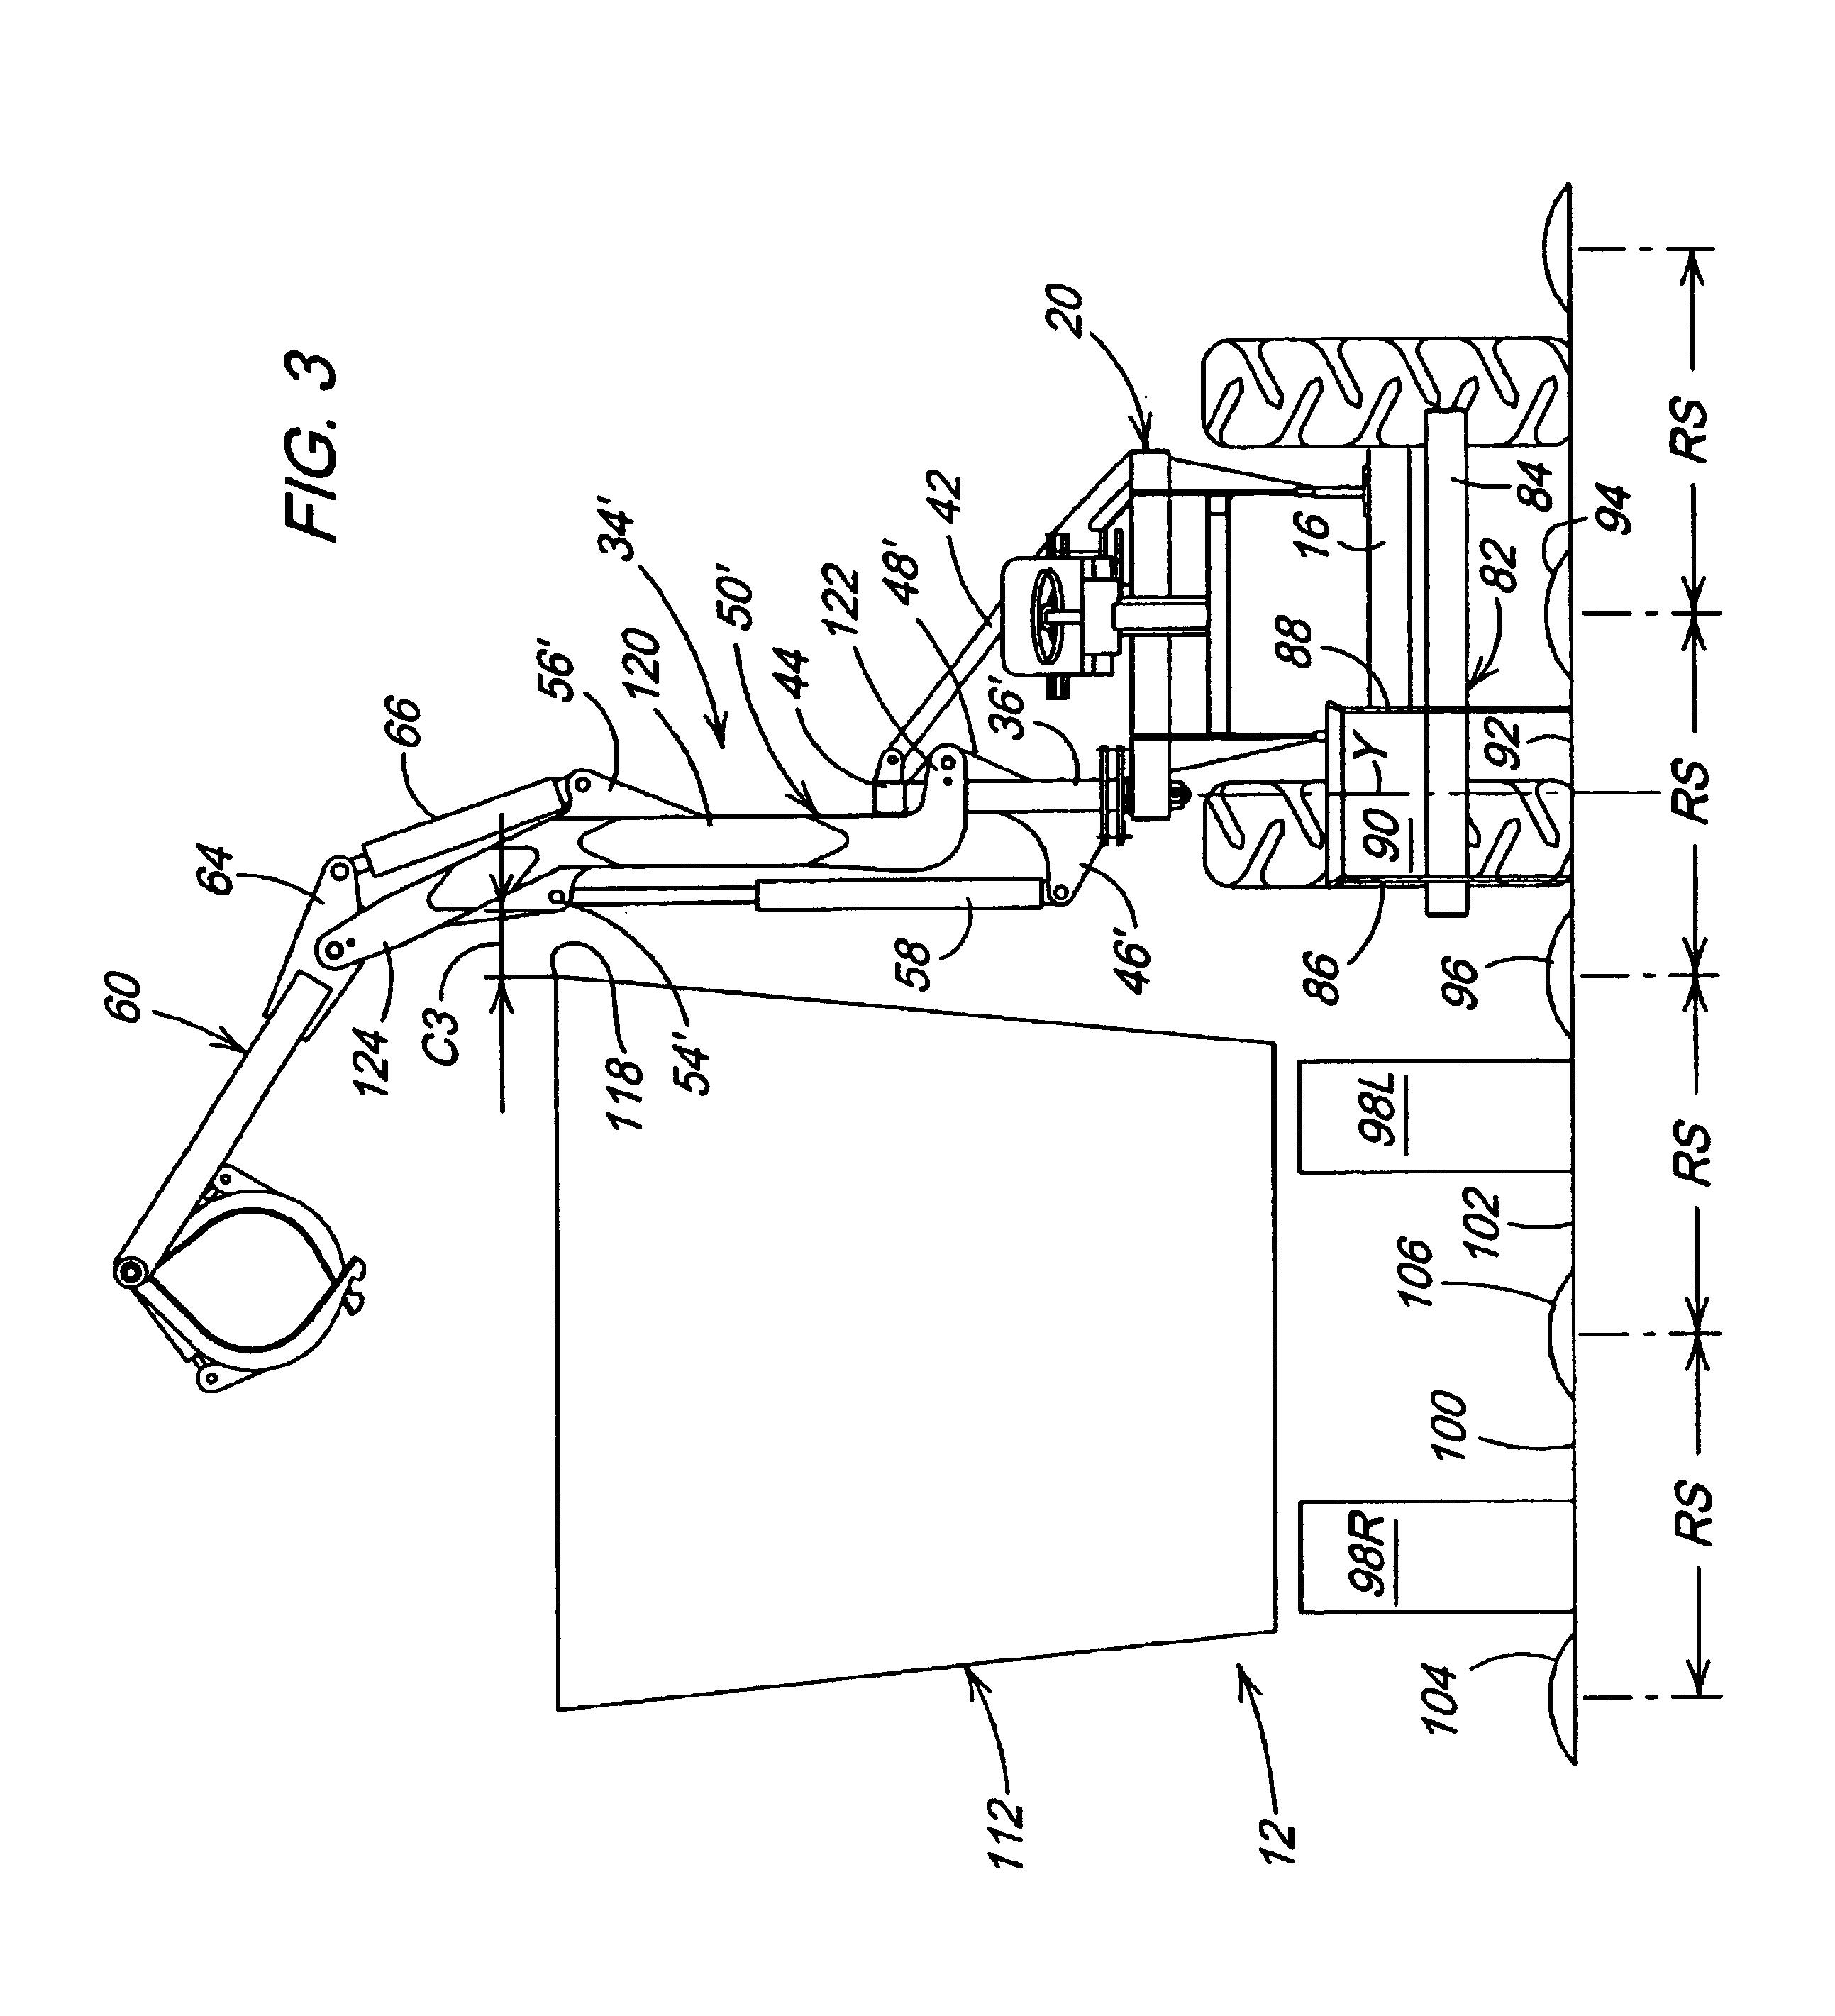 KV_1206] Craftsman Leaf Blower Parts Diagram Download DiagramAspi Rdona Capem Vira Mohammedshrine Librar Wiring 101